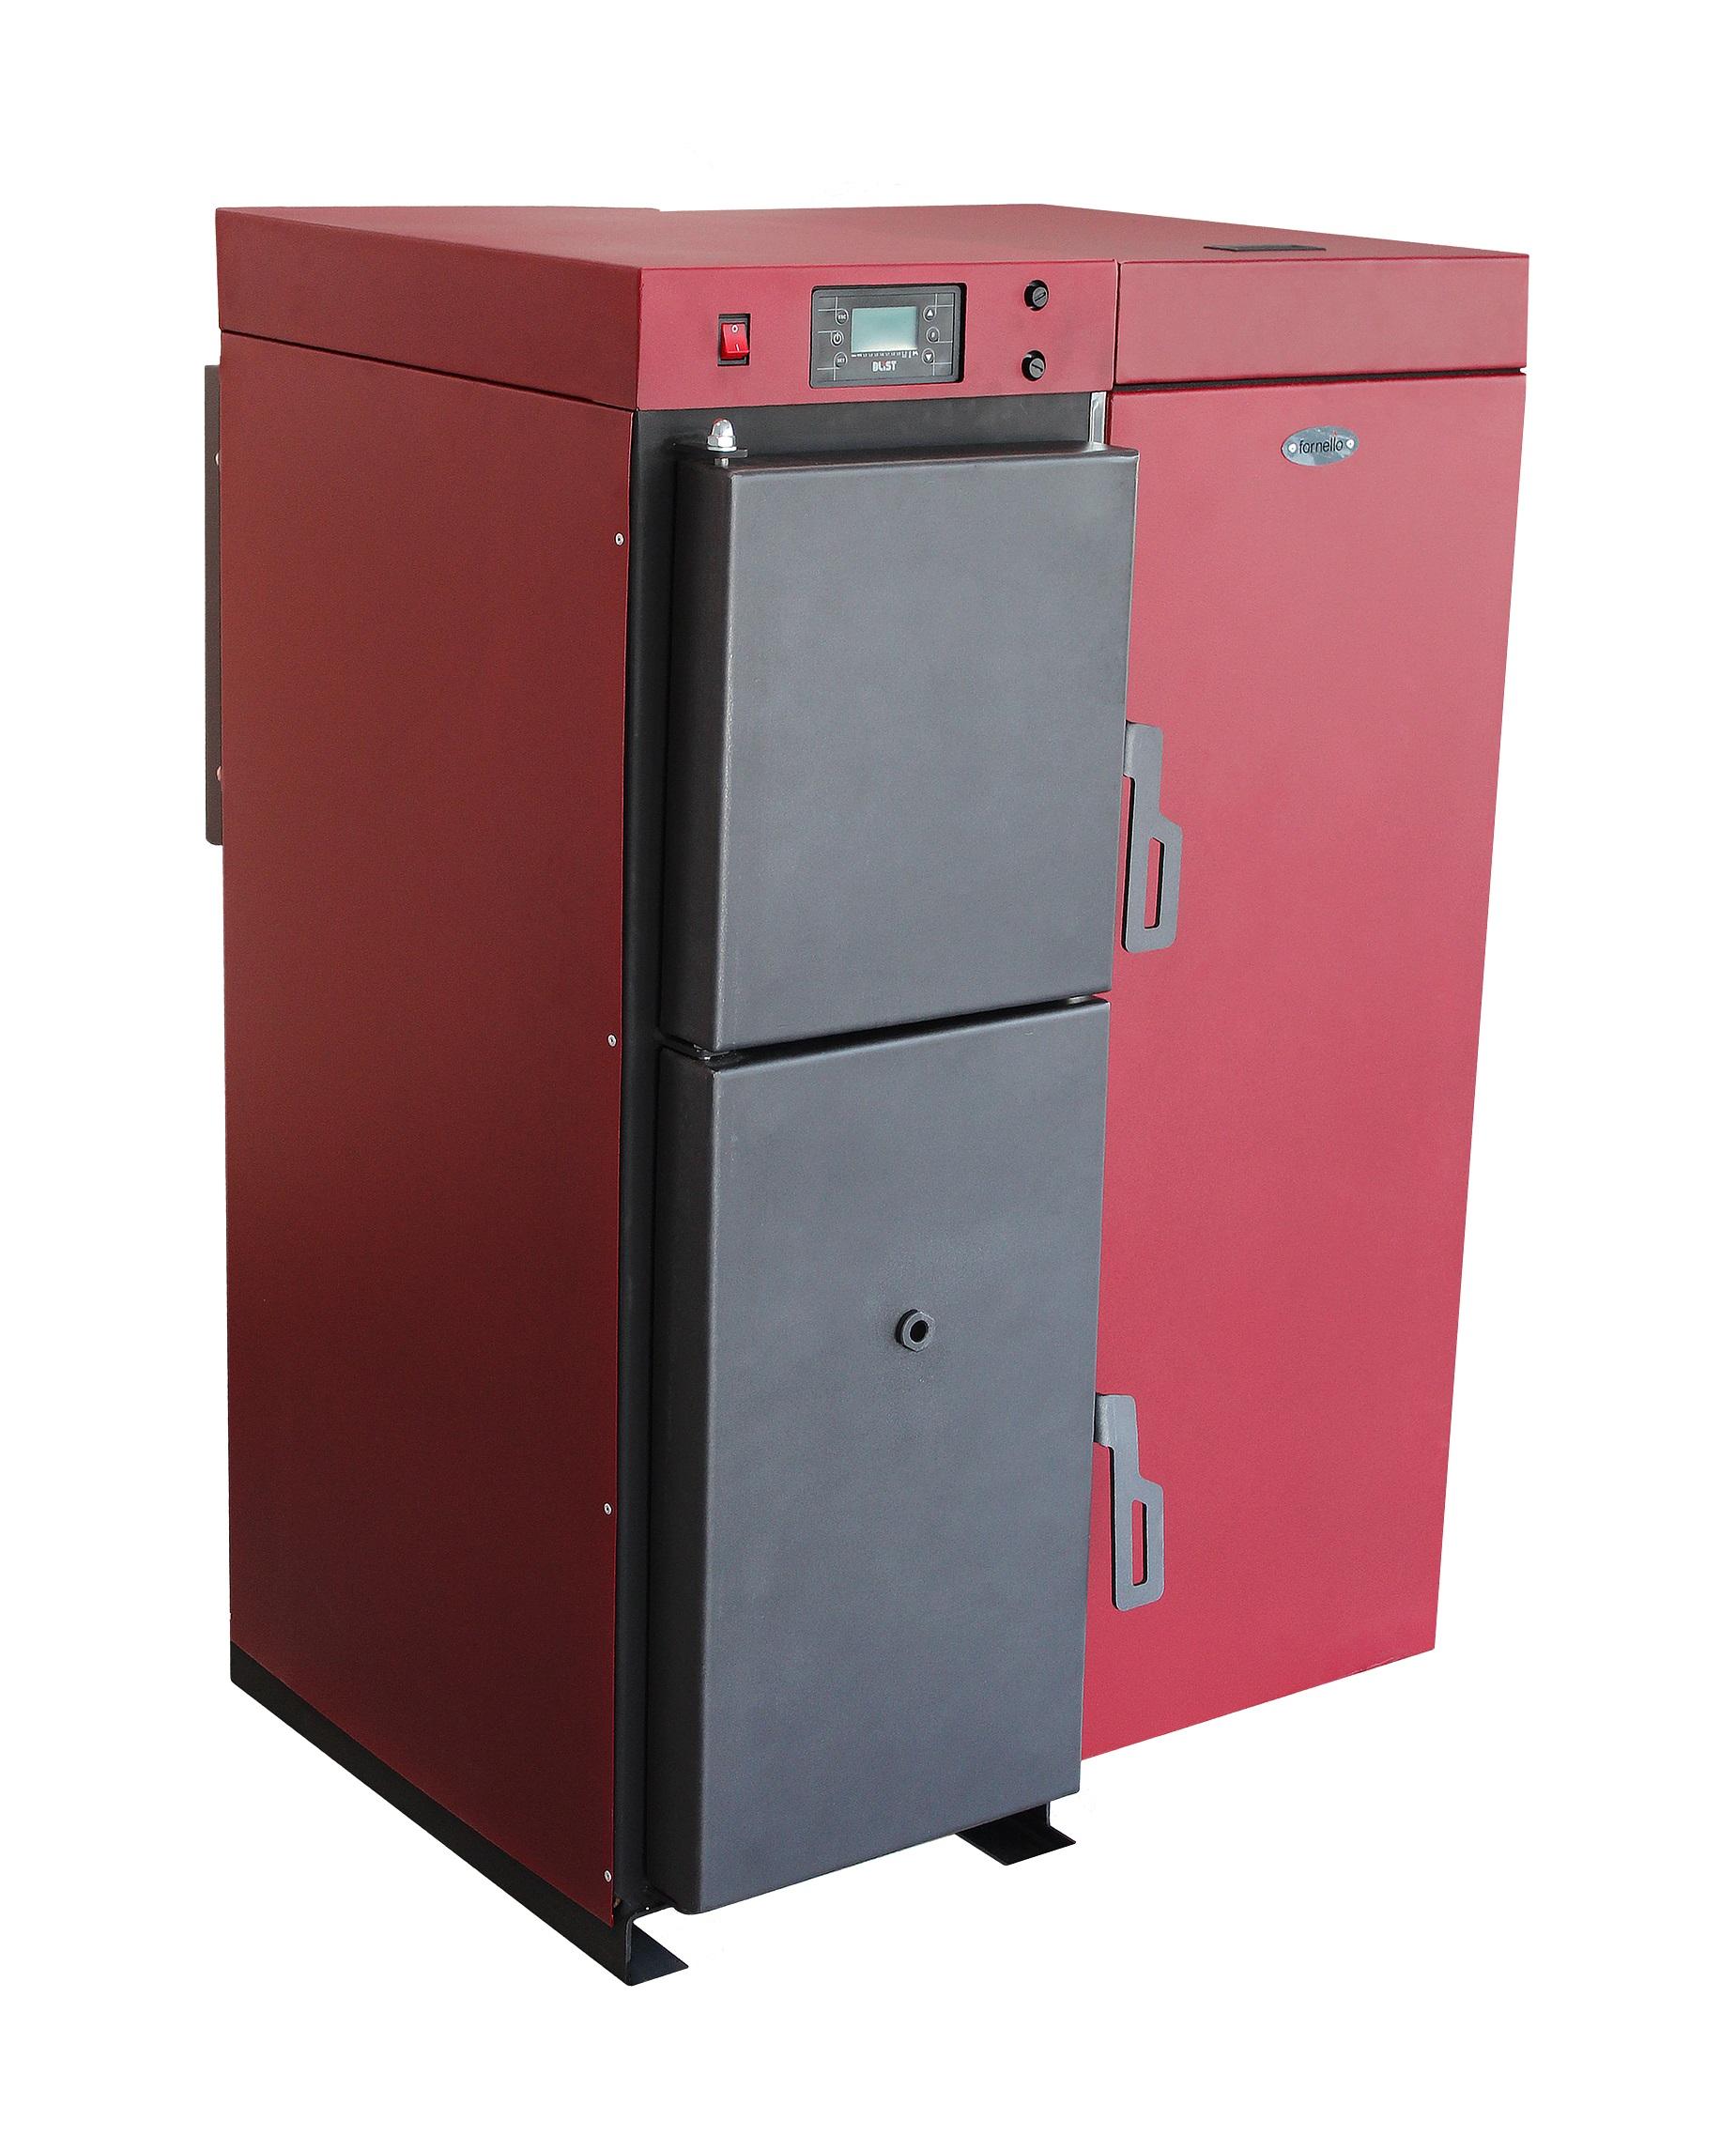 Centrala termica mixta lemn si peleti, Fornello Tera 28 KW, aprindere electrica peleti, fara modificari la schimbarea combustibilului, buncar 95 kg imagine fornello.ro